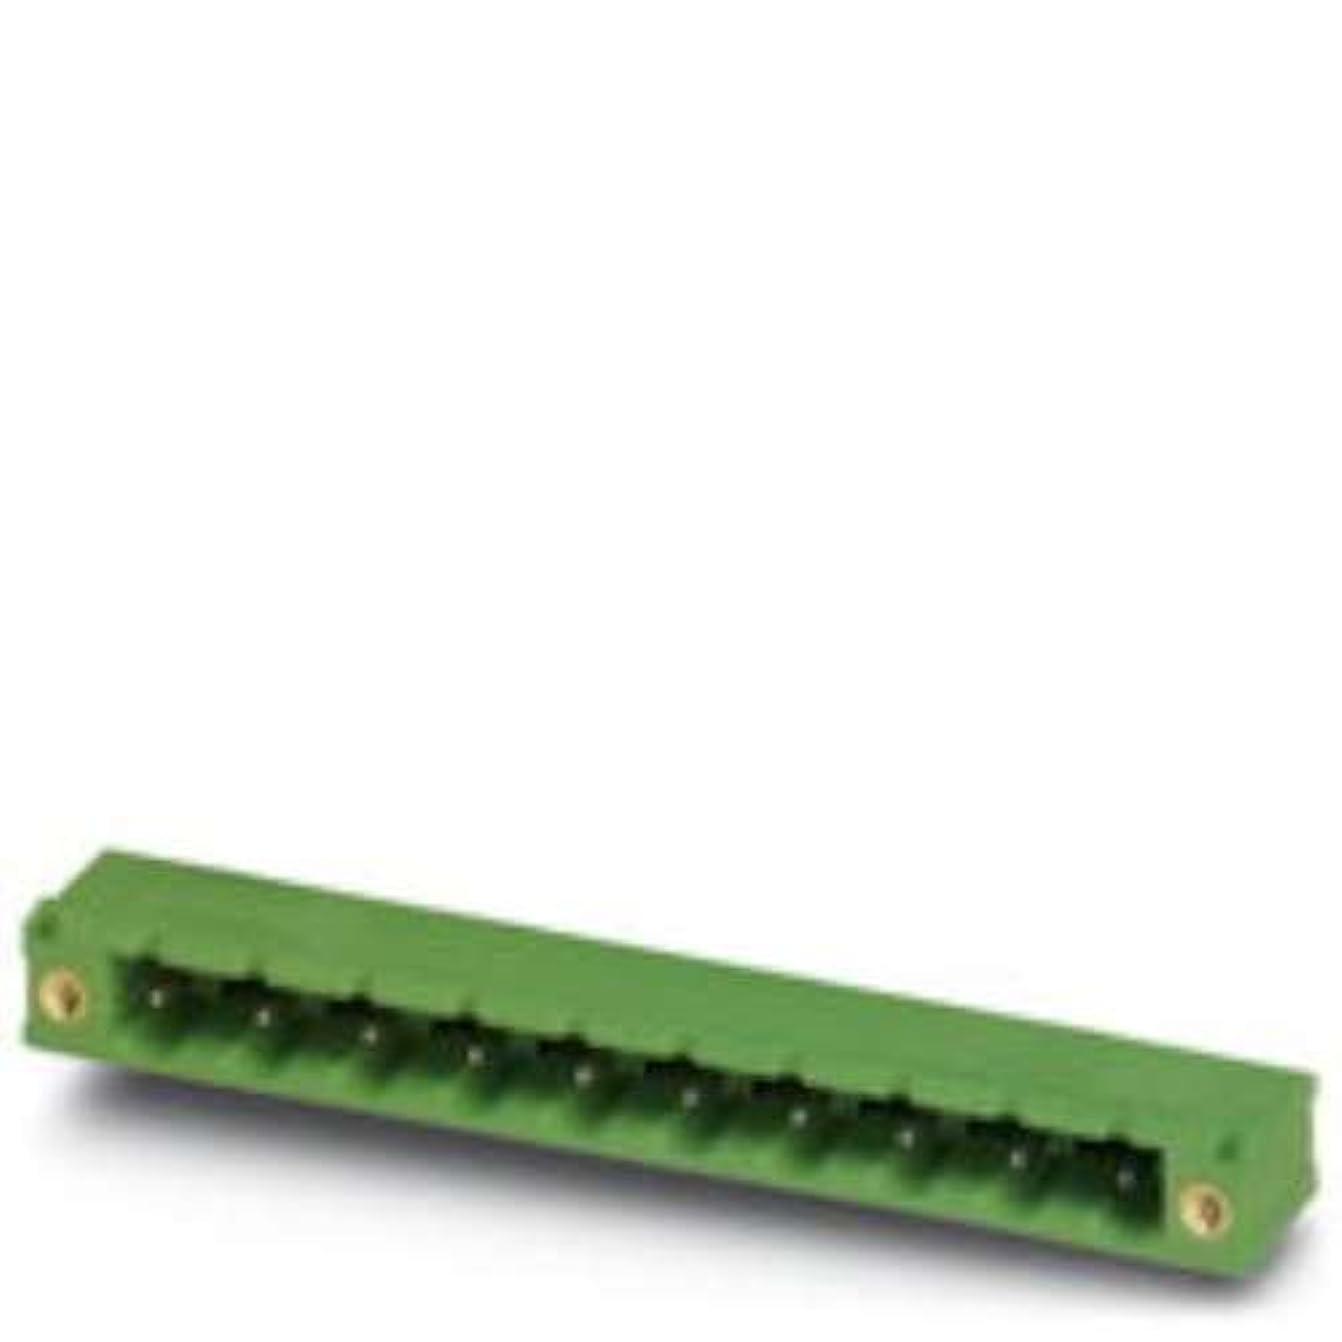 会社おそらく掻くPhoenix Contact 基板ヘッダ 3極 基板用コネクタ 1795899